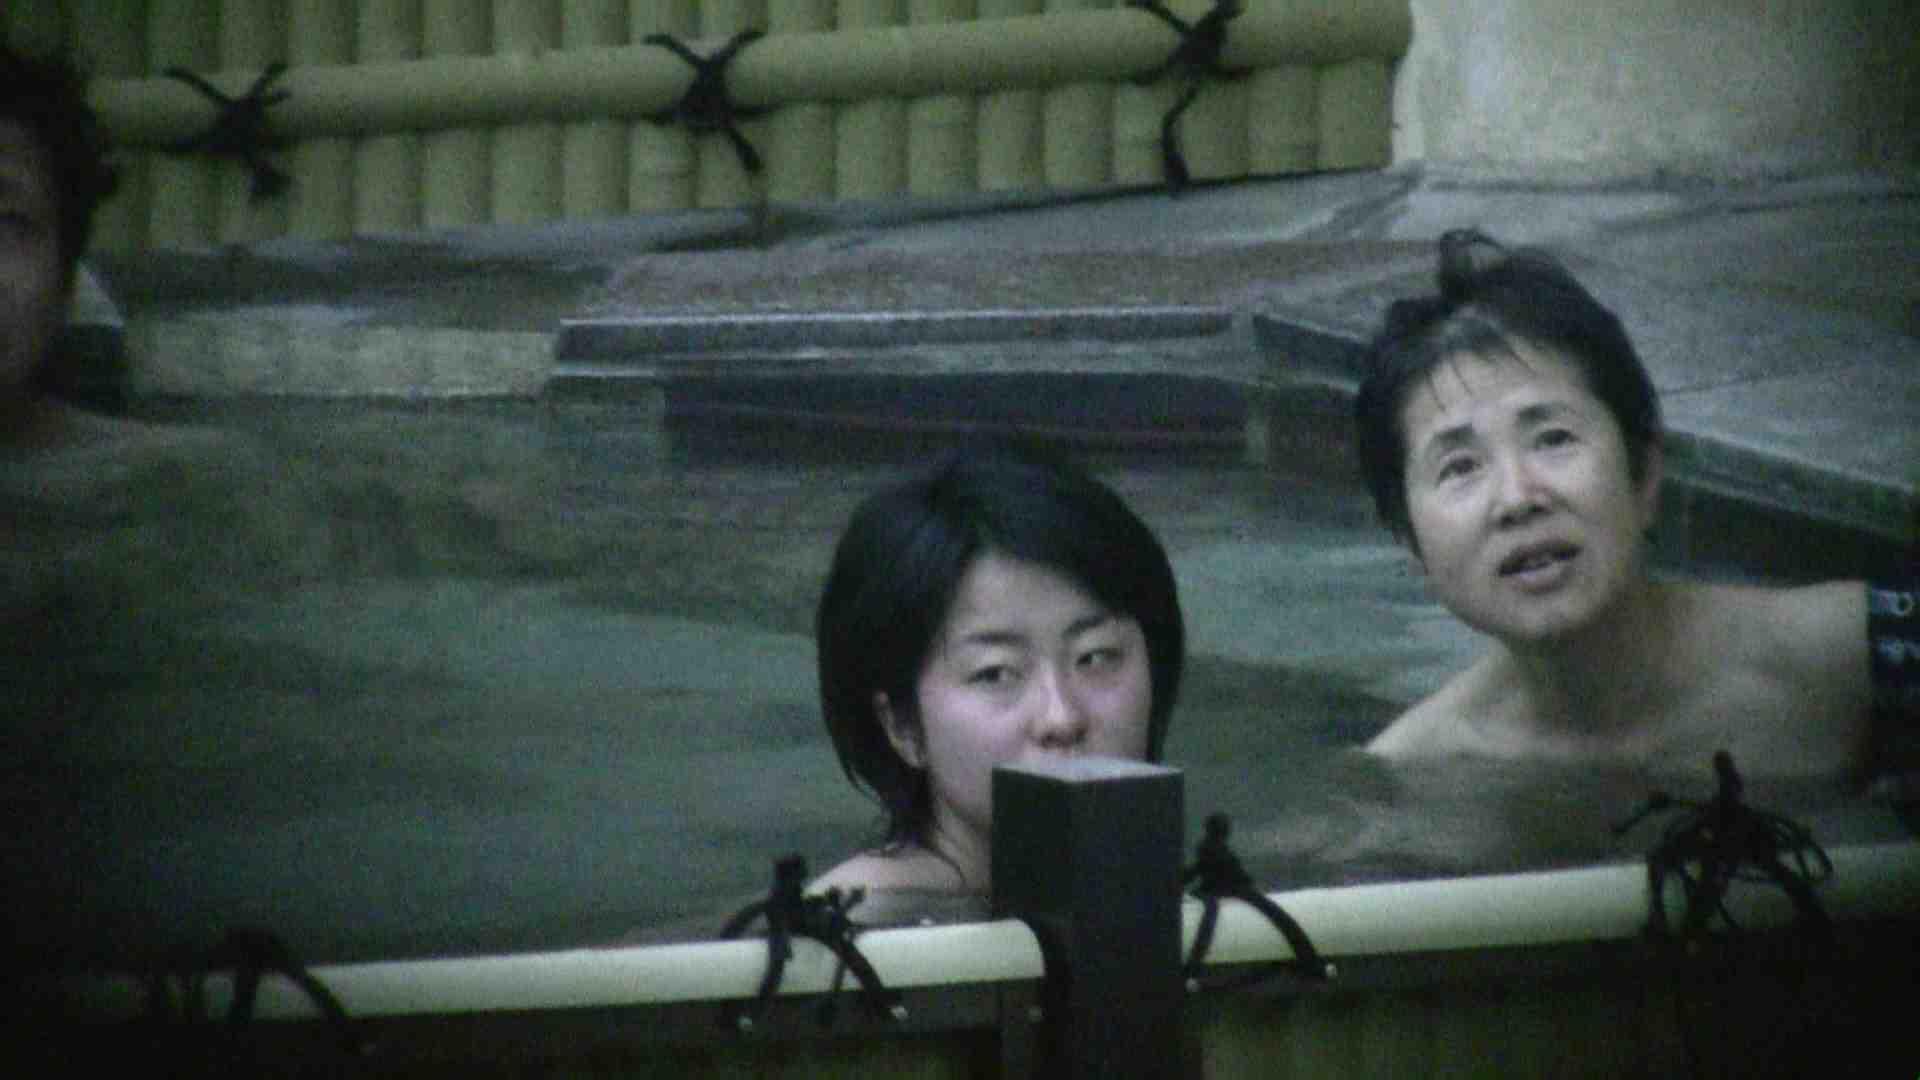 Aquaな露天風呂Vol.112 露天 | 綺麗なOLたち  73枚 37